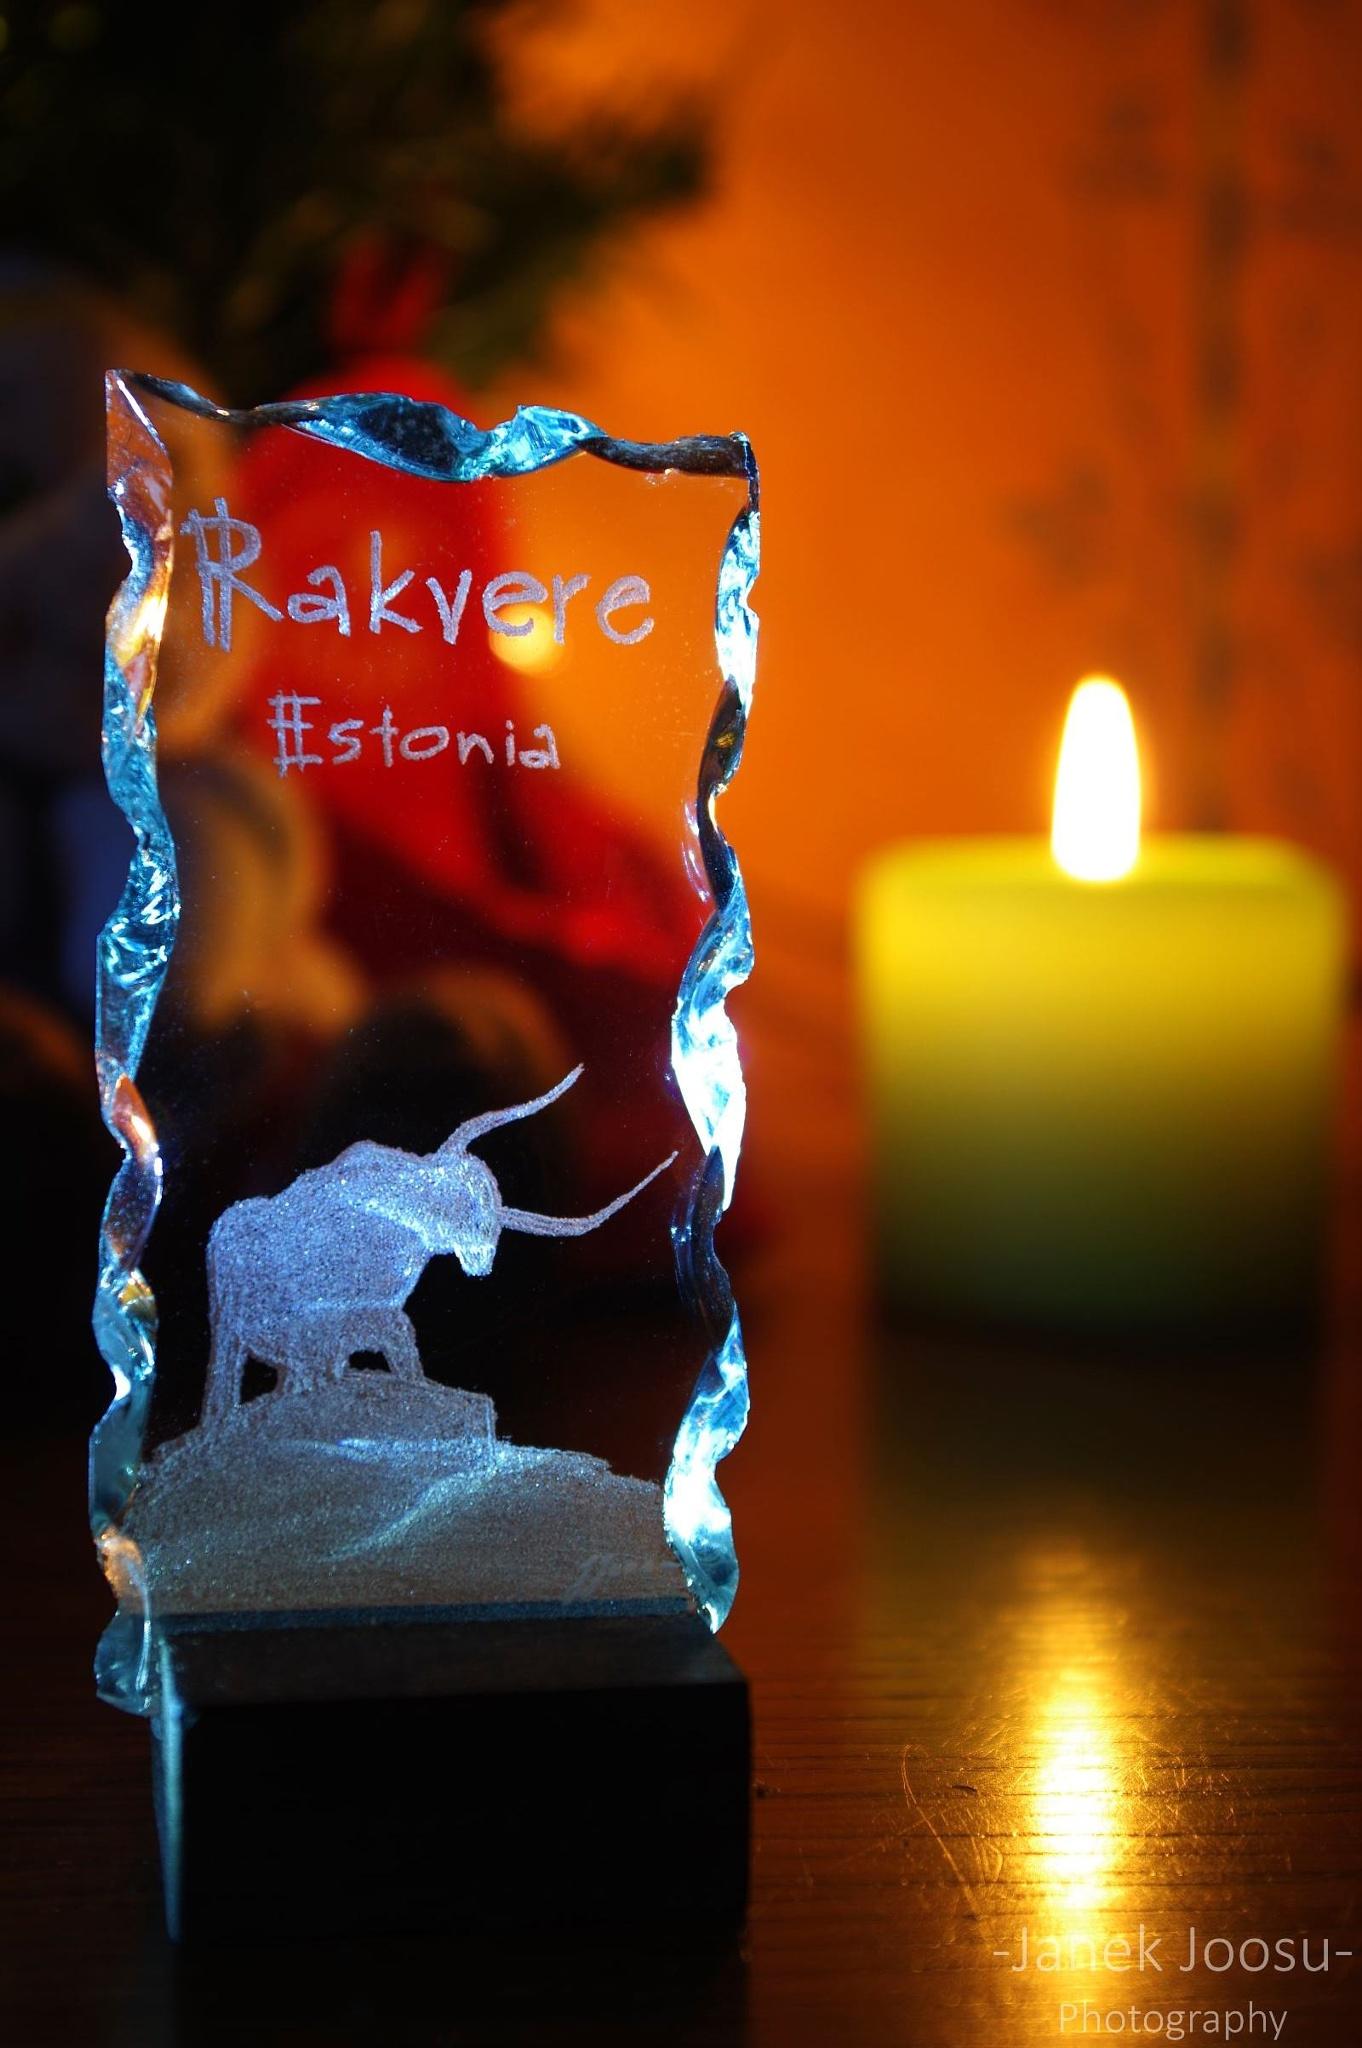 Glass engraving under Christmas lights by Janek Joosu